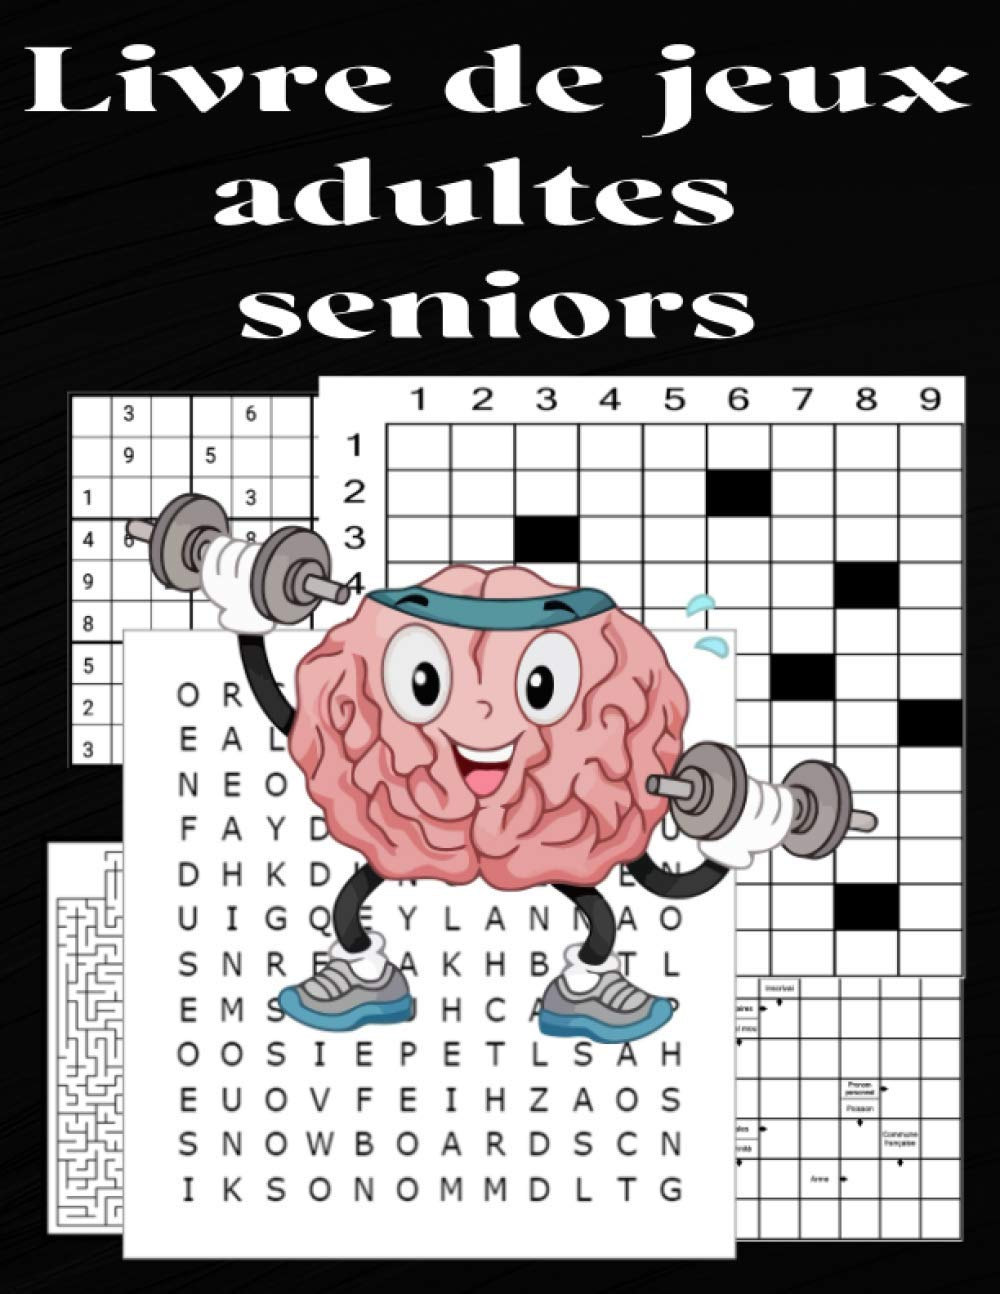 Livre De Jeux Adultes Seniors Sudoku Mots Meles Mots Croise Mots Fleches Labyrinthe Avec Les Solutions Pour Ameliorer Votre Memoire French Edition Tete La Casse 9798562701015 Amazon Com Books